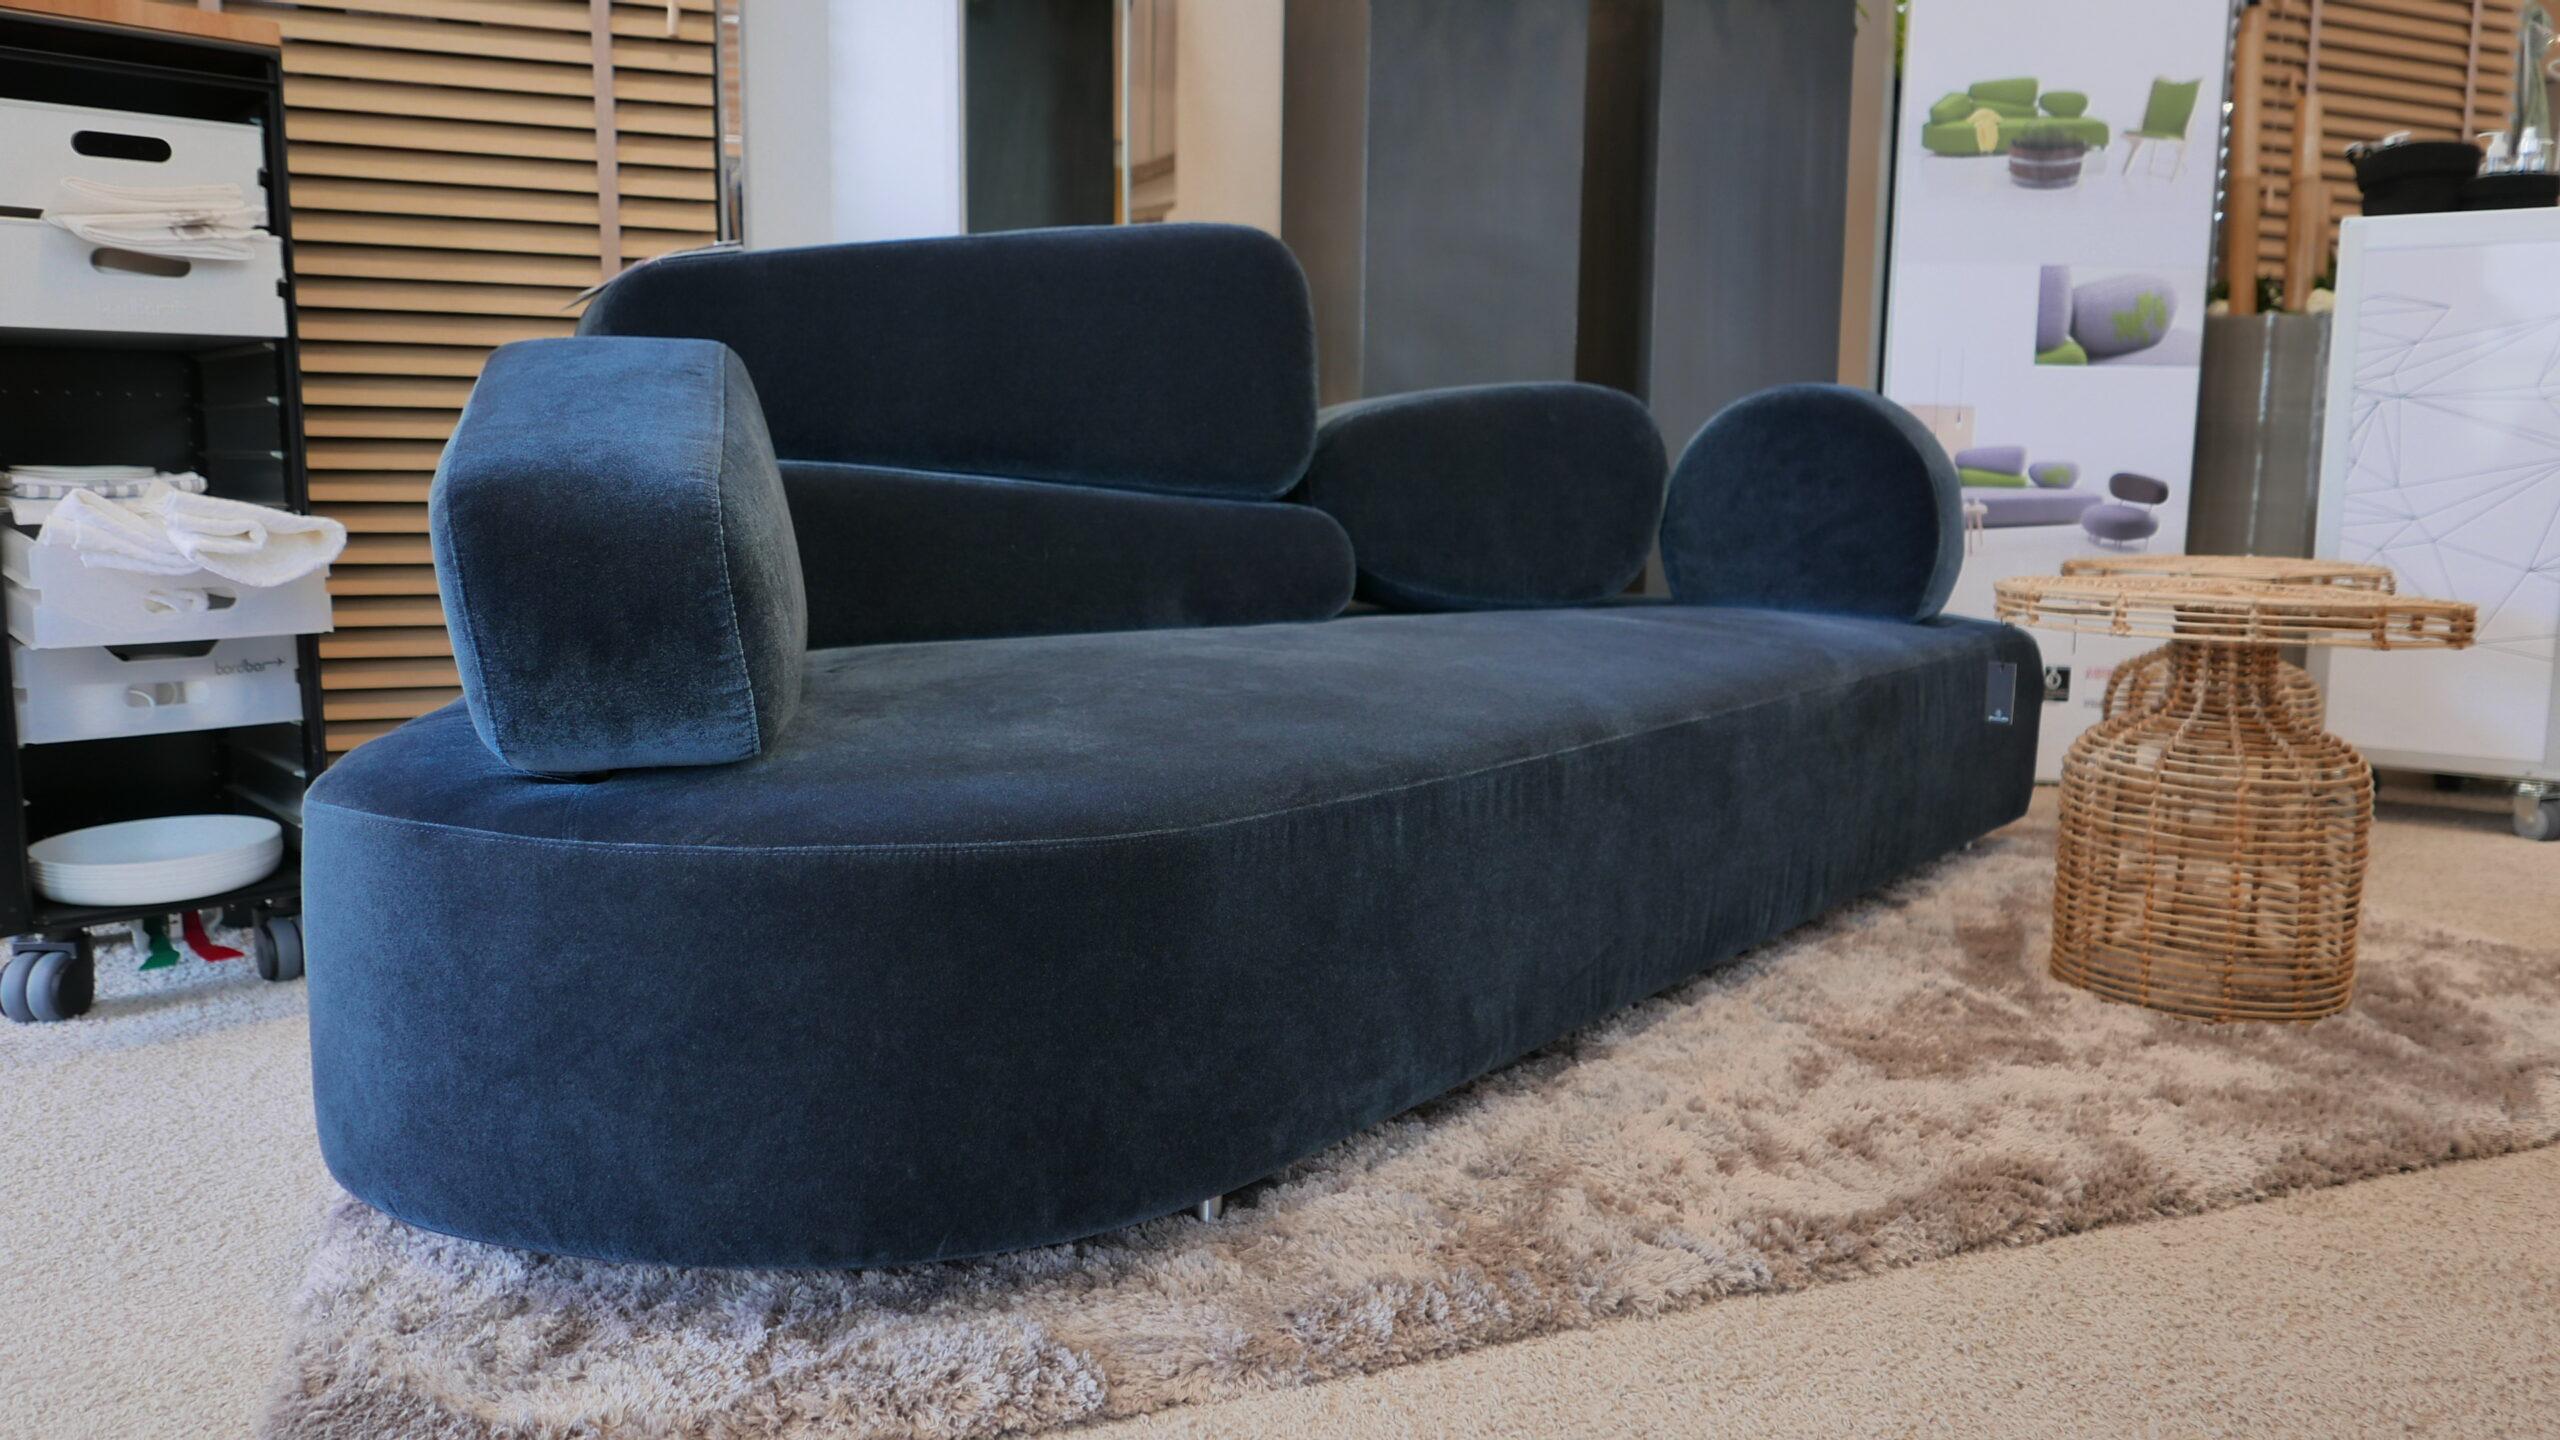 Full Size of Sofa Rund Rundy Dreamworks Arundel Bed Leather Rundecke Leder Klein Runde Form Couch Angebote Zweisitzer Abnehmbarer Bezug Schillig Big Weiß Rolf Benz Hussen Sofa Sofa Rund